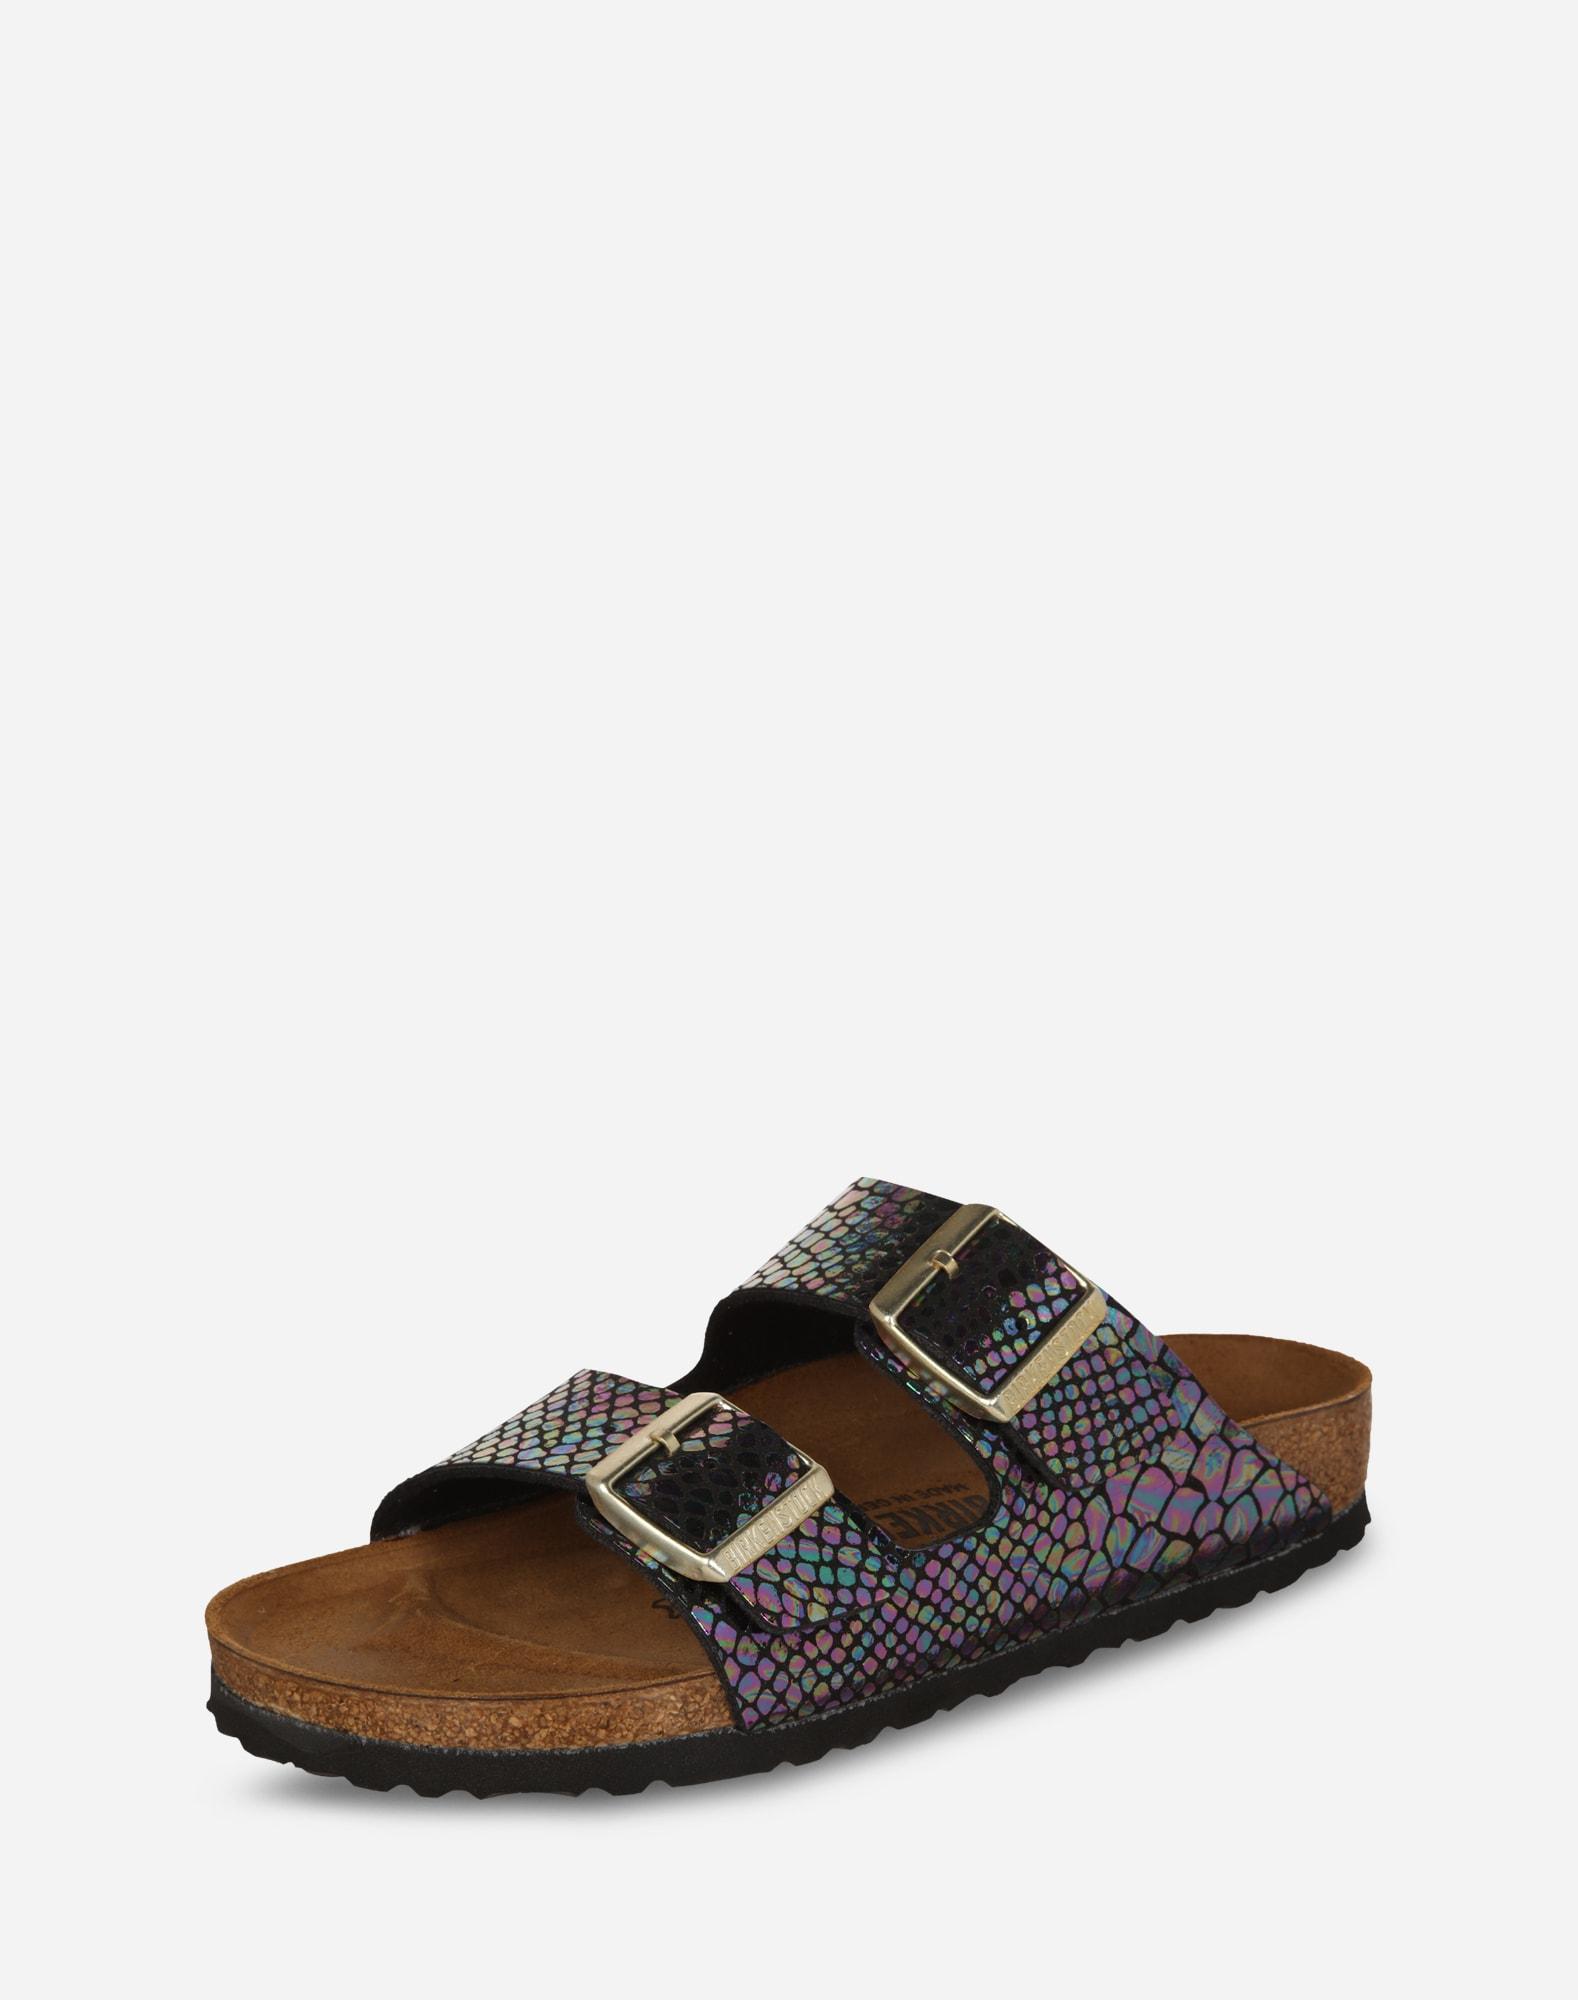 Pantoletten 'Arizona' | Schuhe > Clogs & Pantoletten > Klassische Pantoletten | Birkenstock